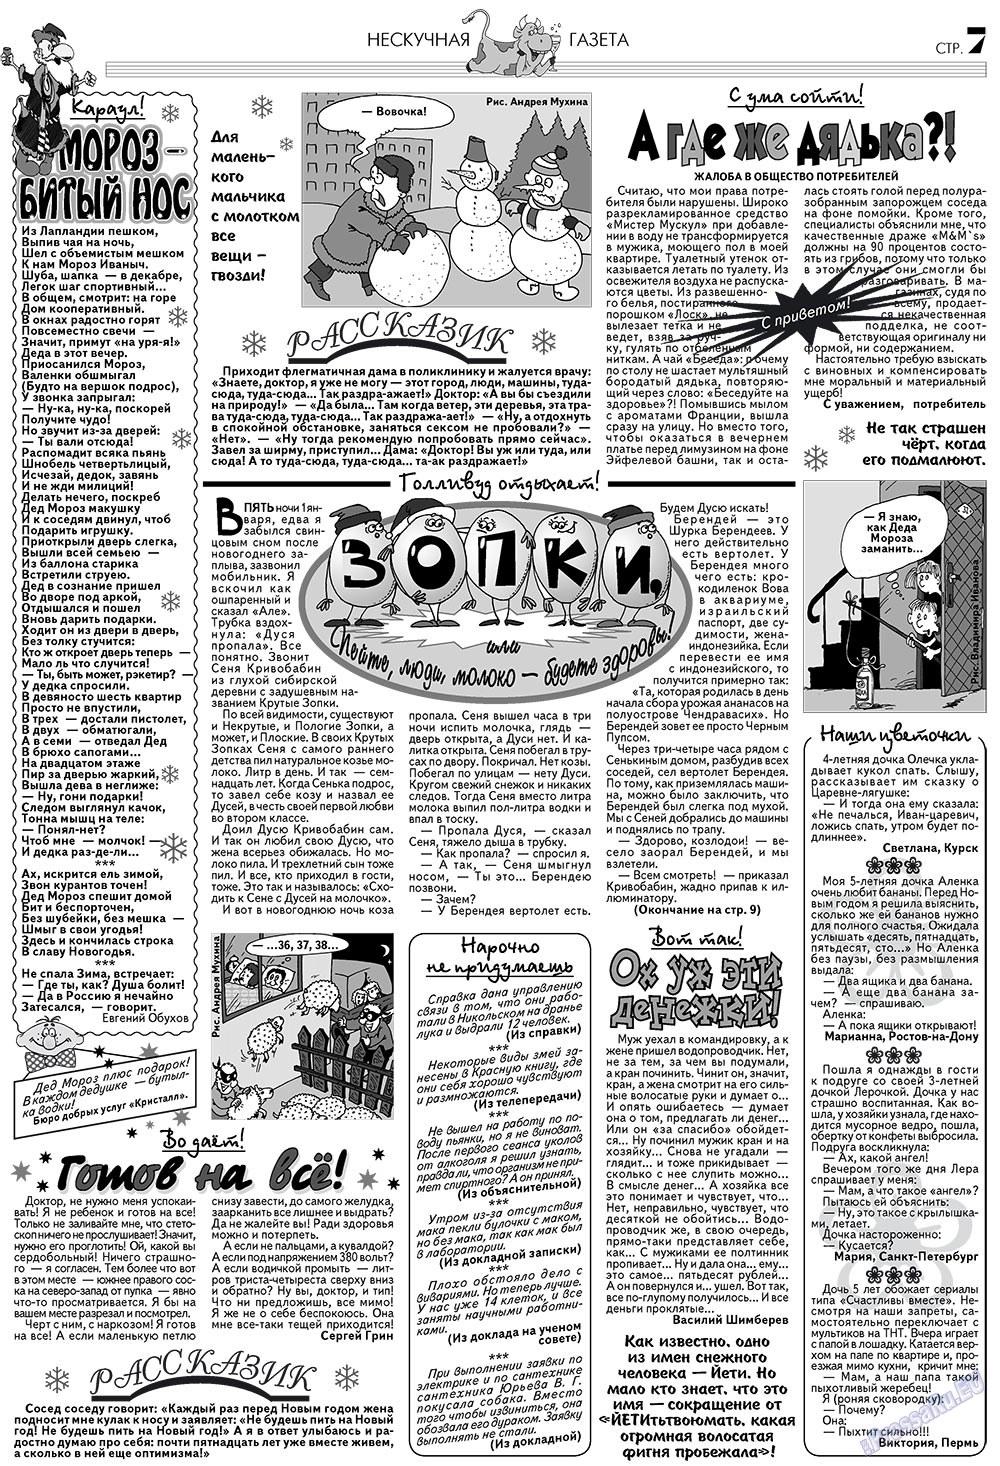 Нескучная газета (газета). 2009 год, номер 2, стр. 7